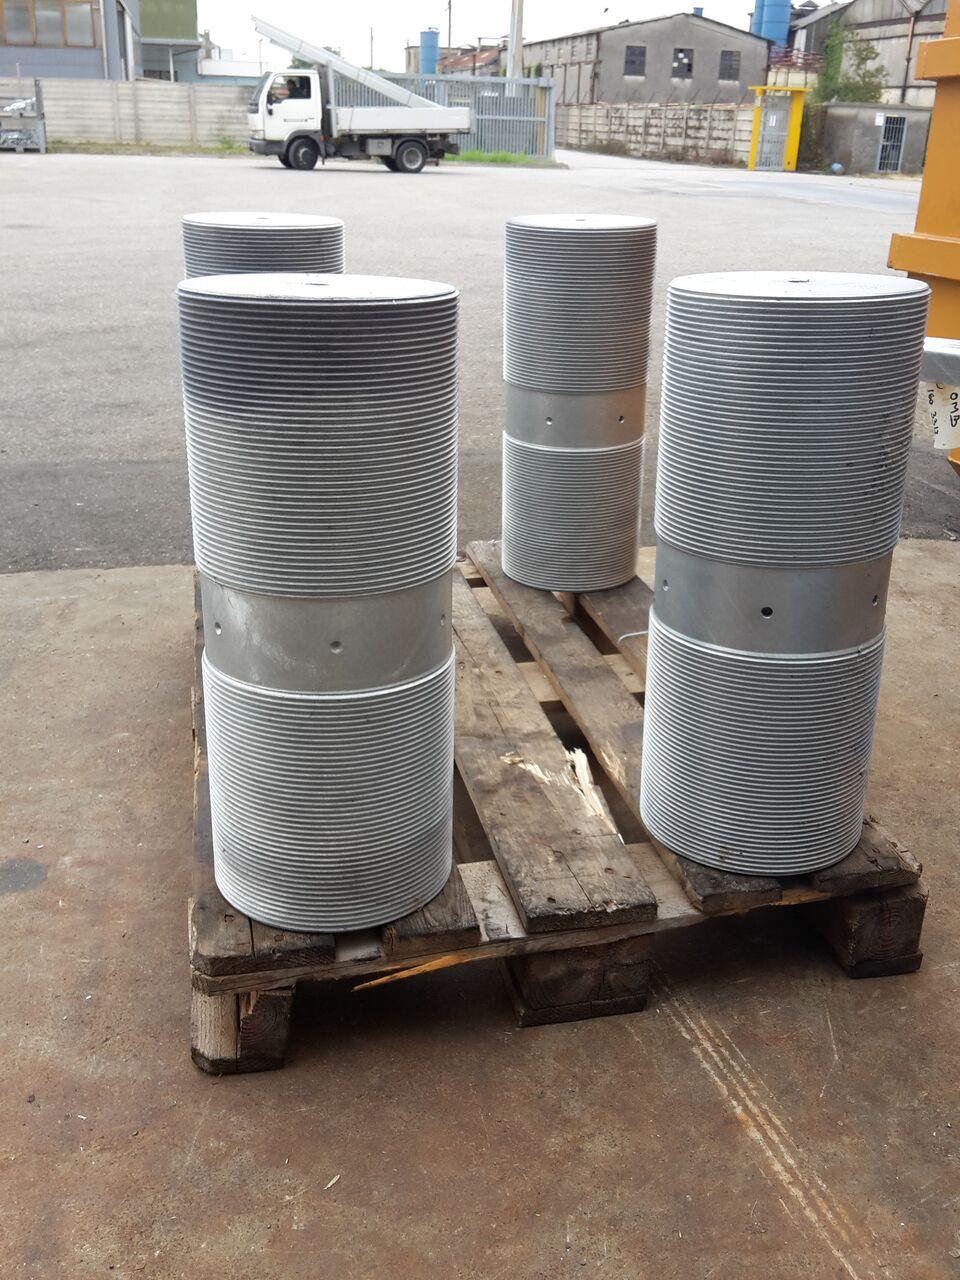 Lavorazione-ns.-produzione-Zardini-Srl-150x150.jpg